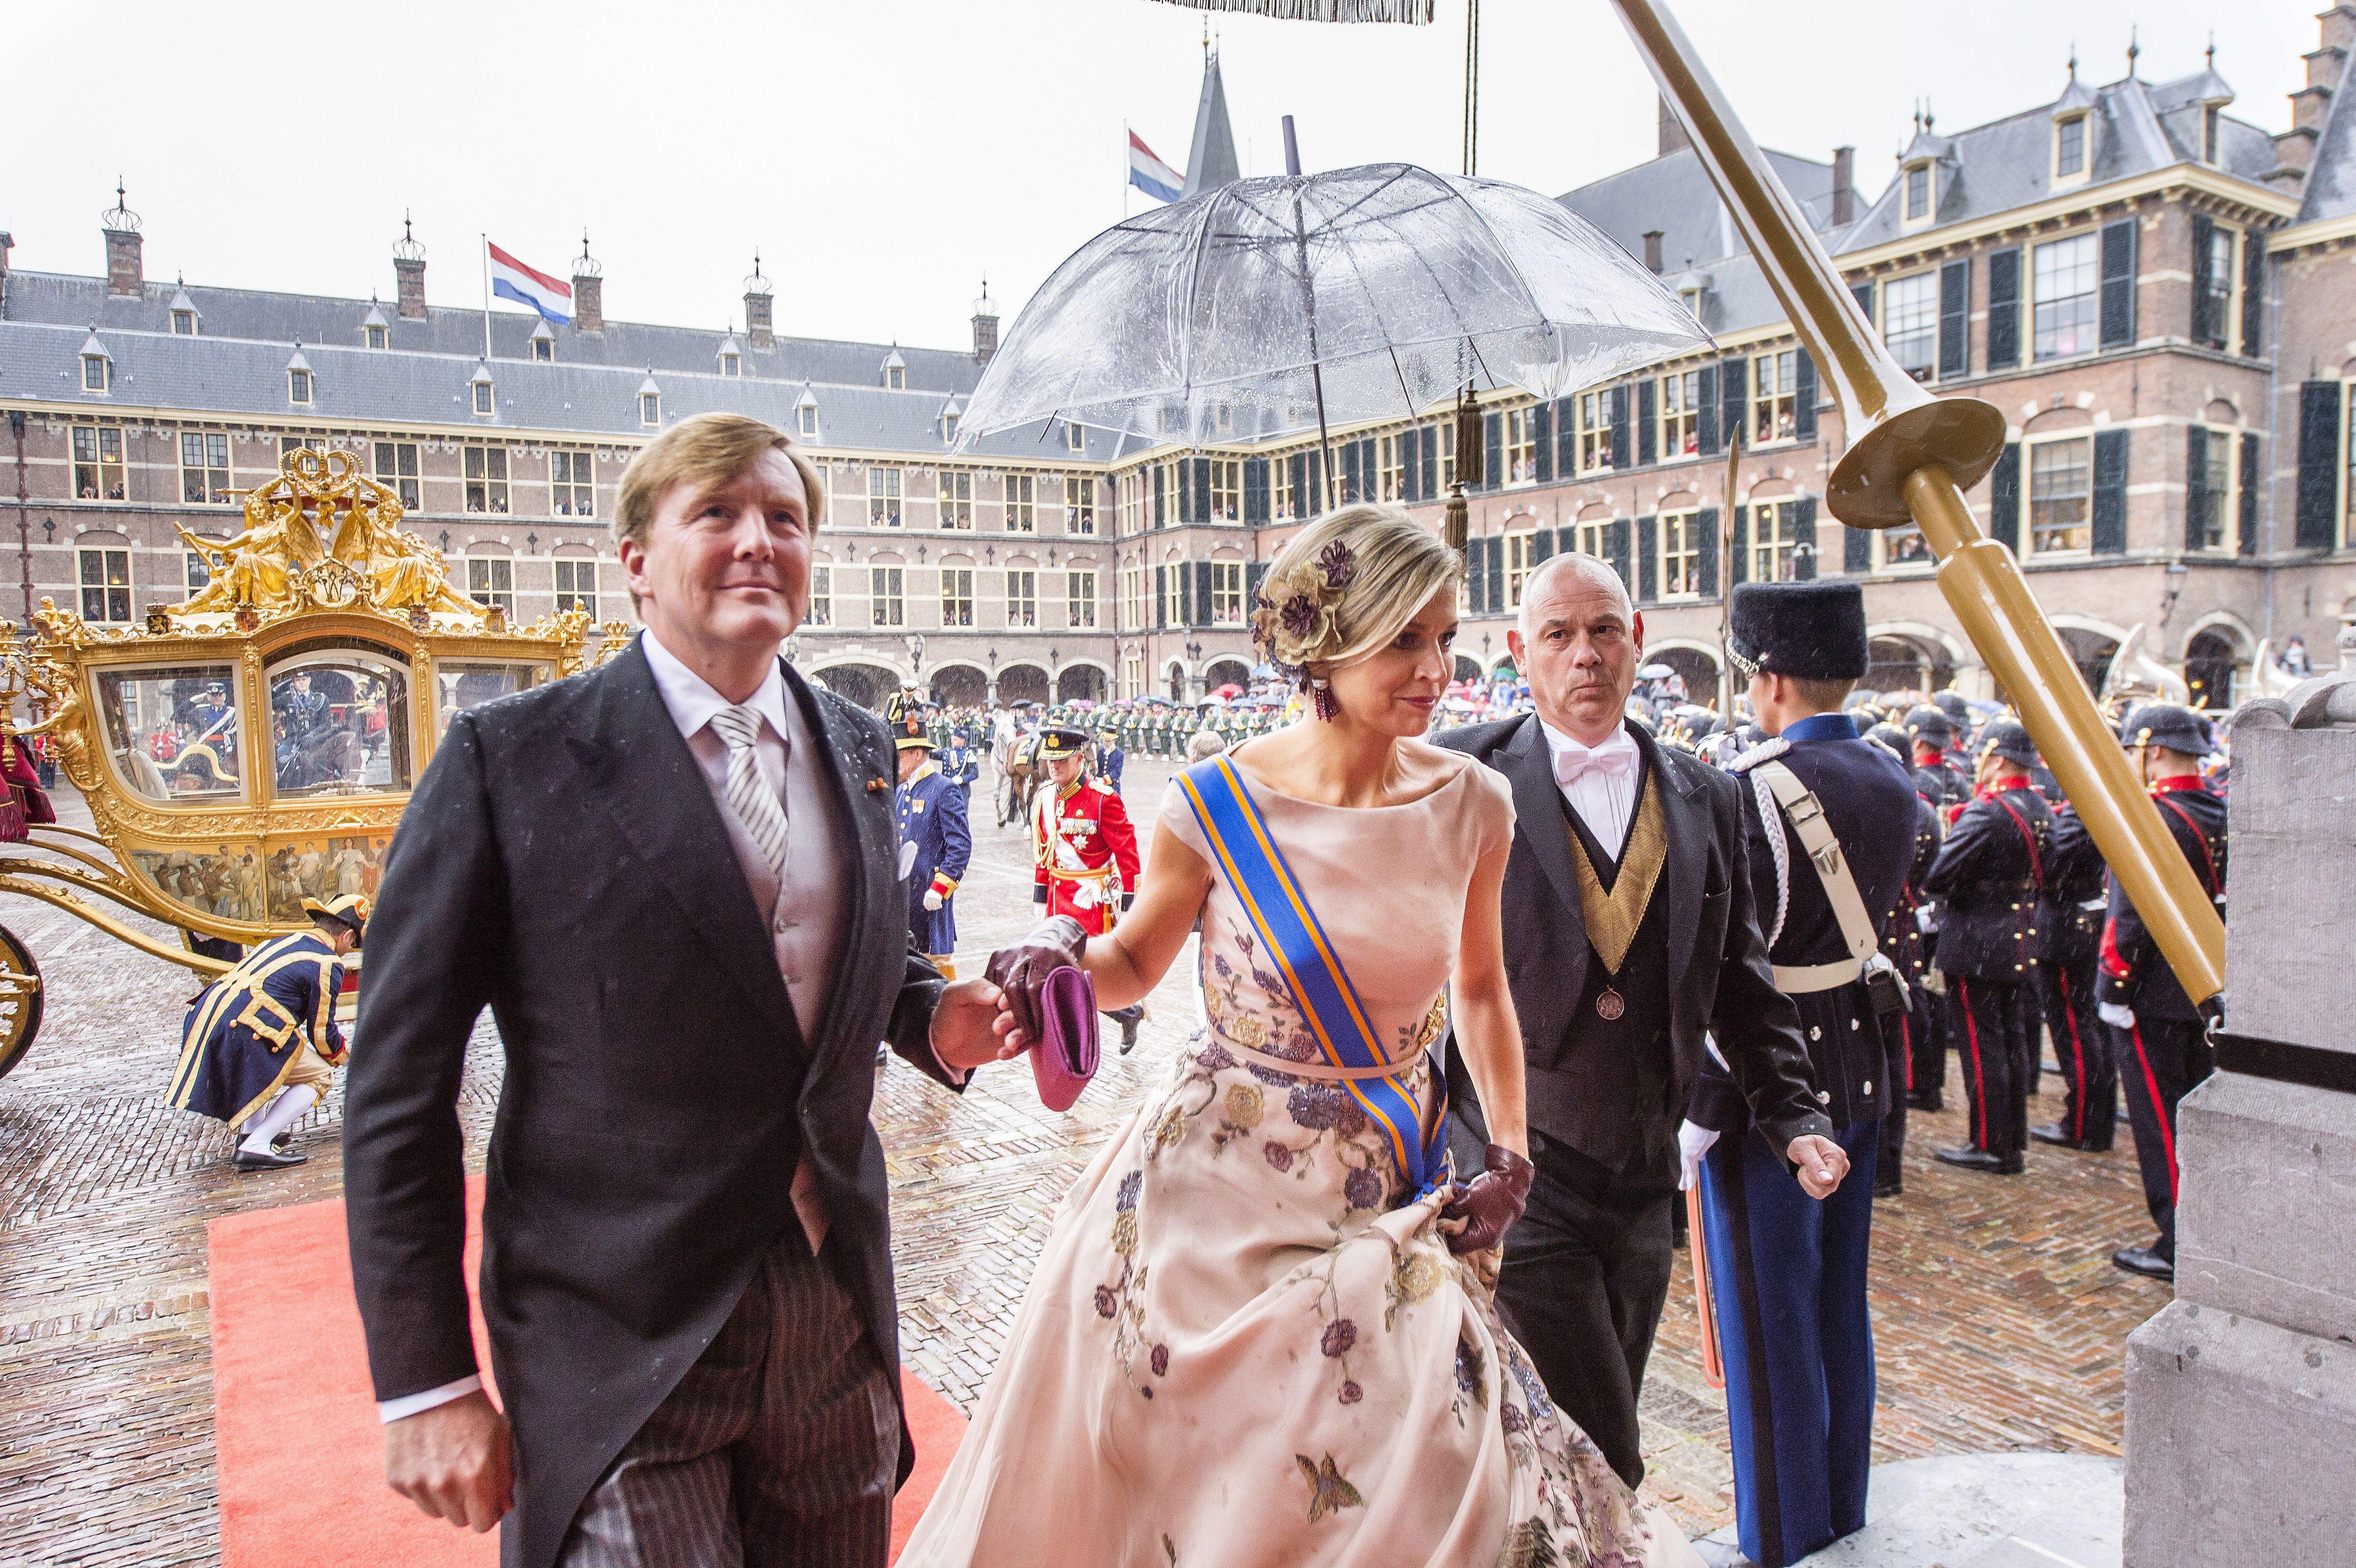 Pays-Bas : pour ses 50 ans, le roi invite 150 personnes nées le même jour que lui